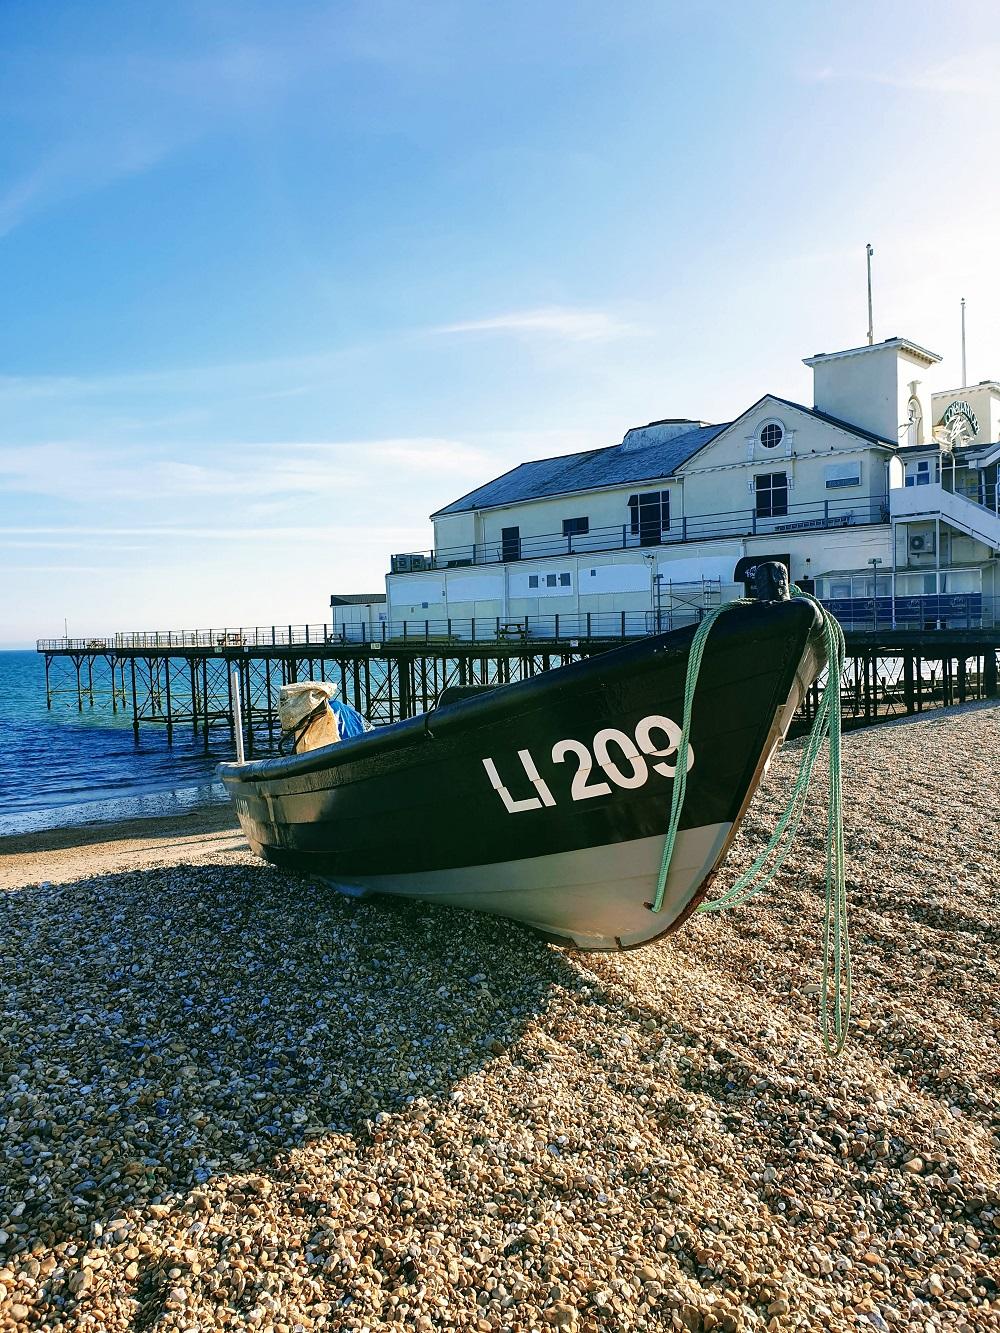 Picture Of A Beach: Boats On The Sea Shore Bognor Regis